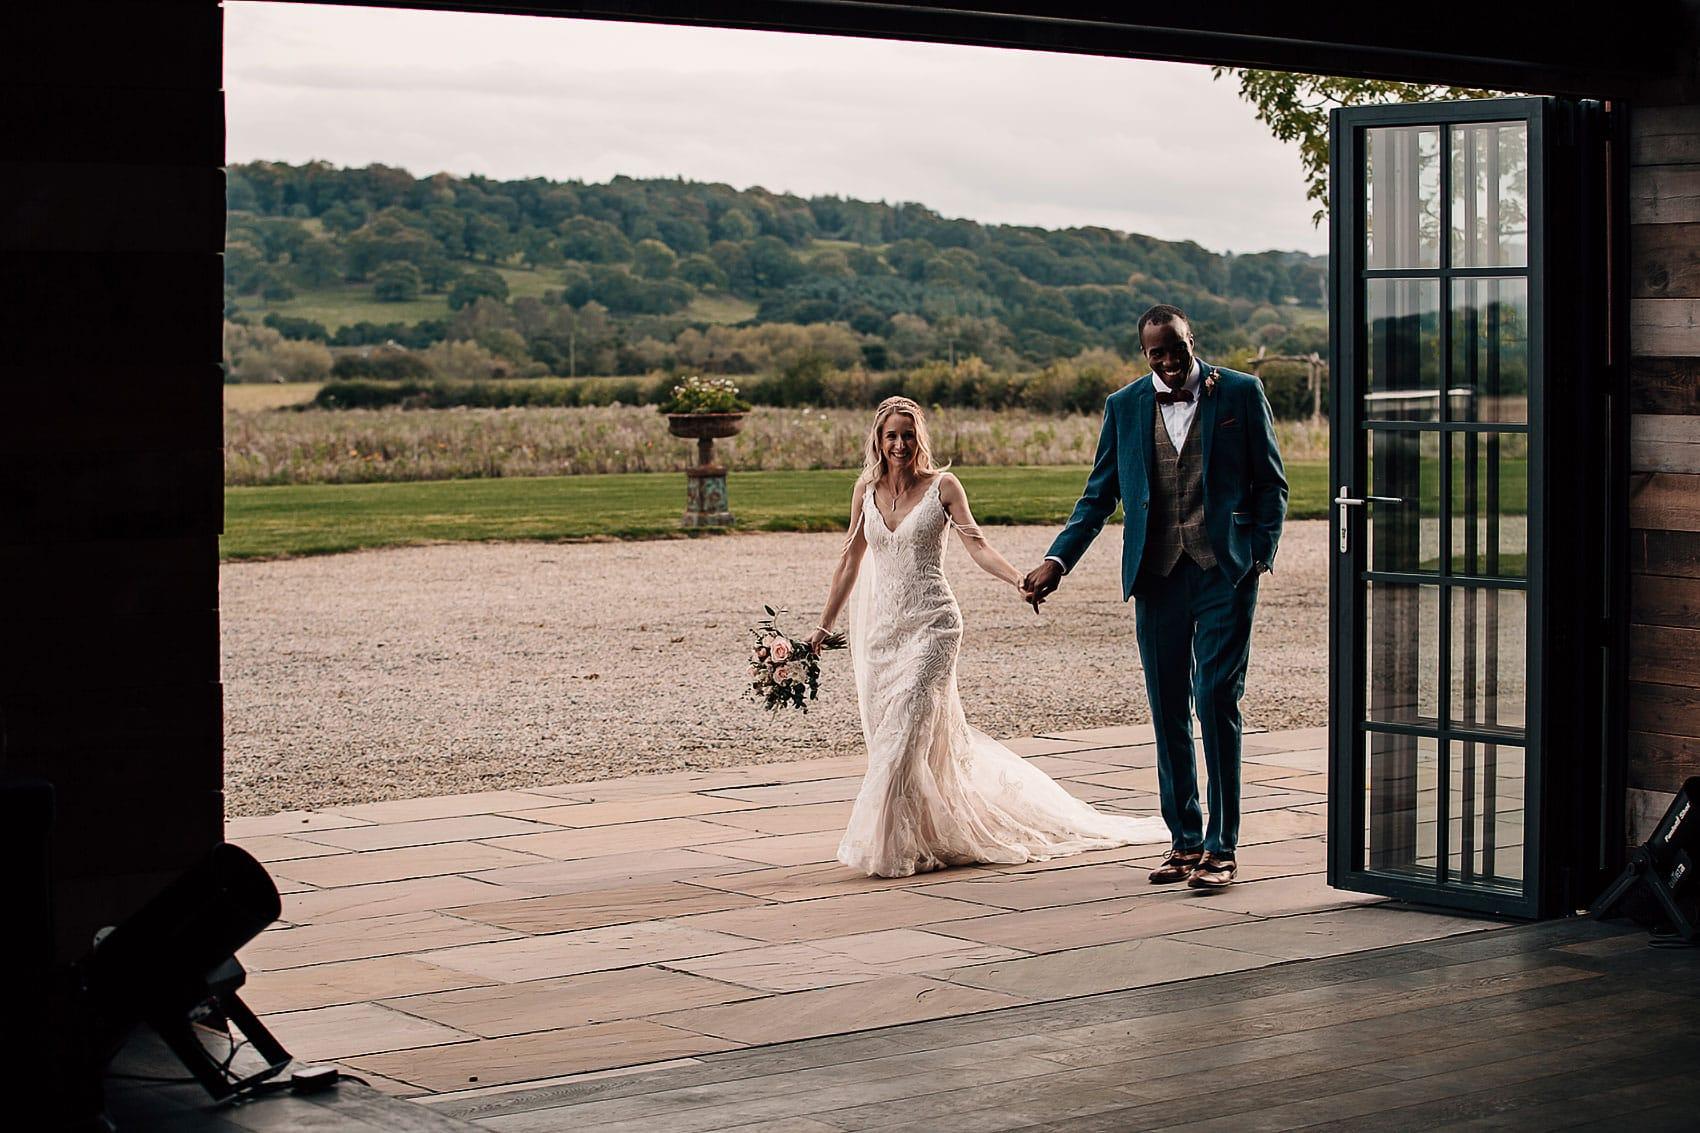 Wharfedale Grange ethereal wedding photography